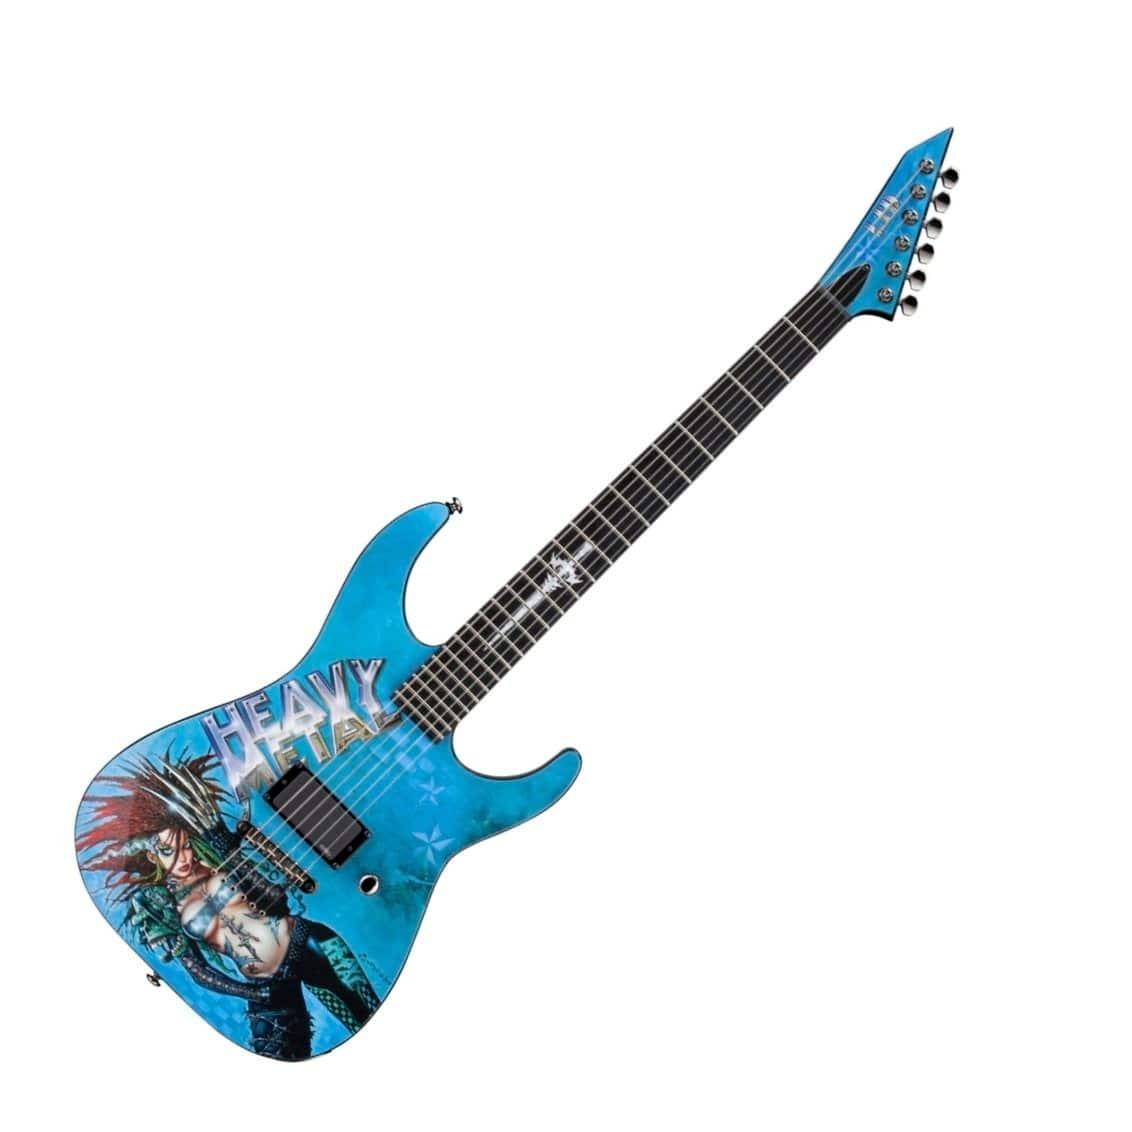 Power Metal Guitar